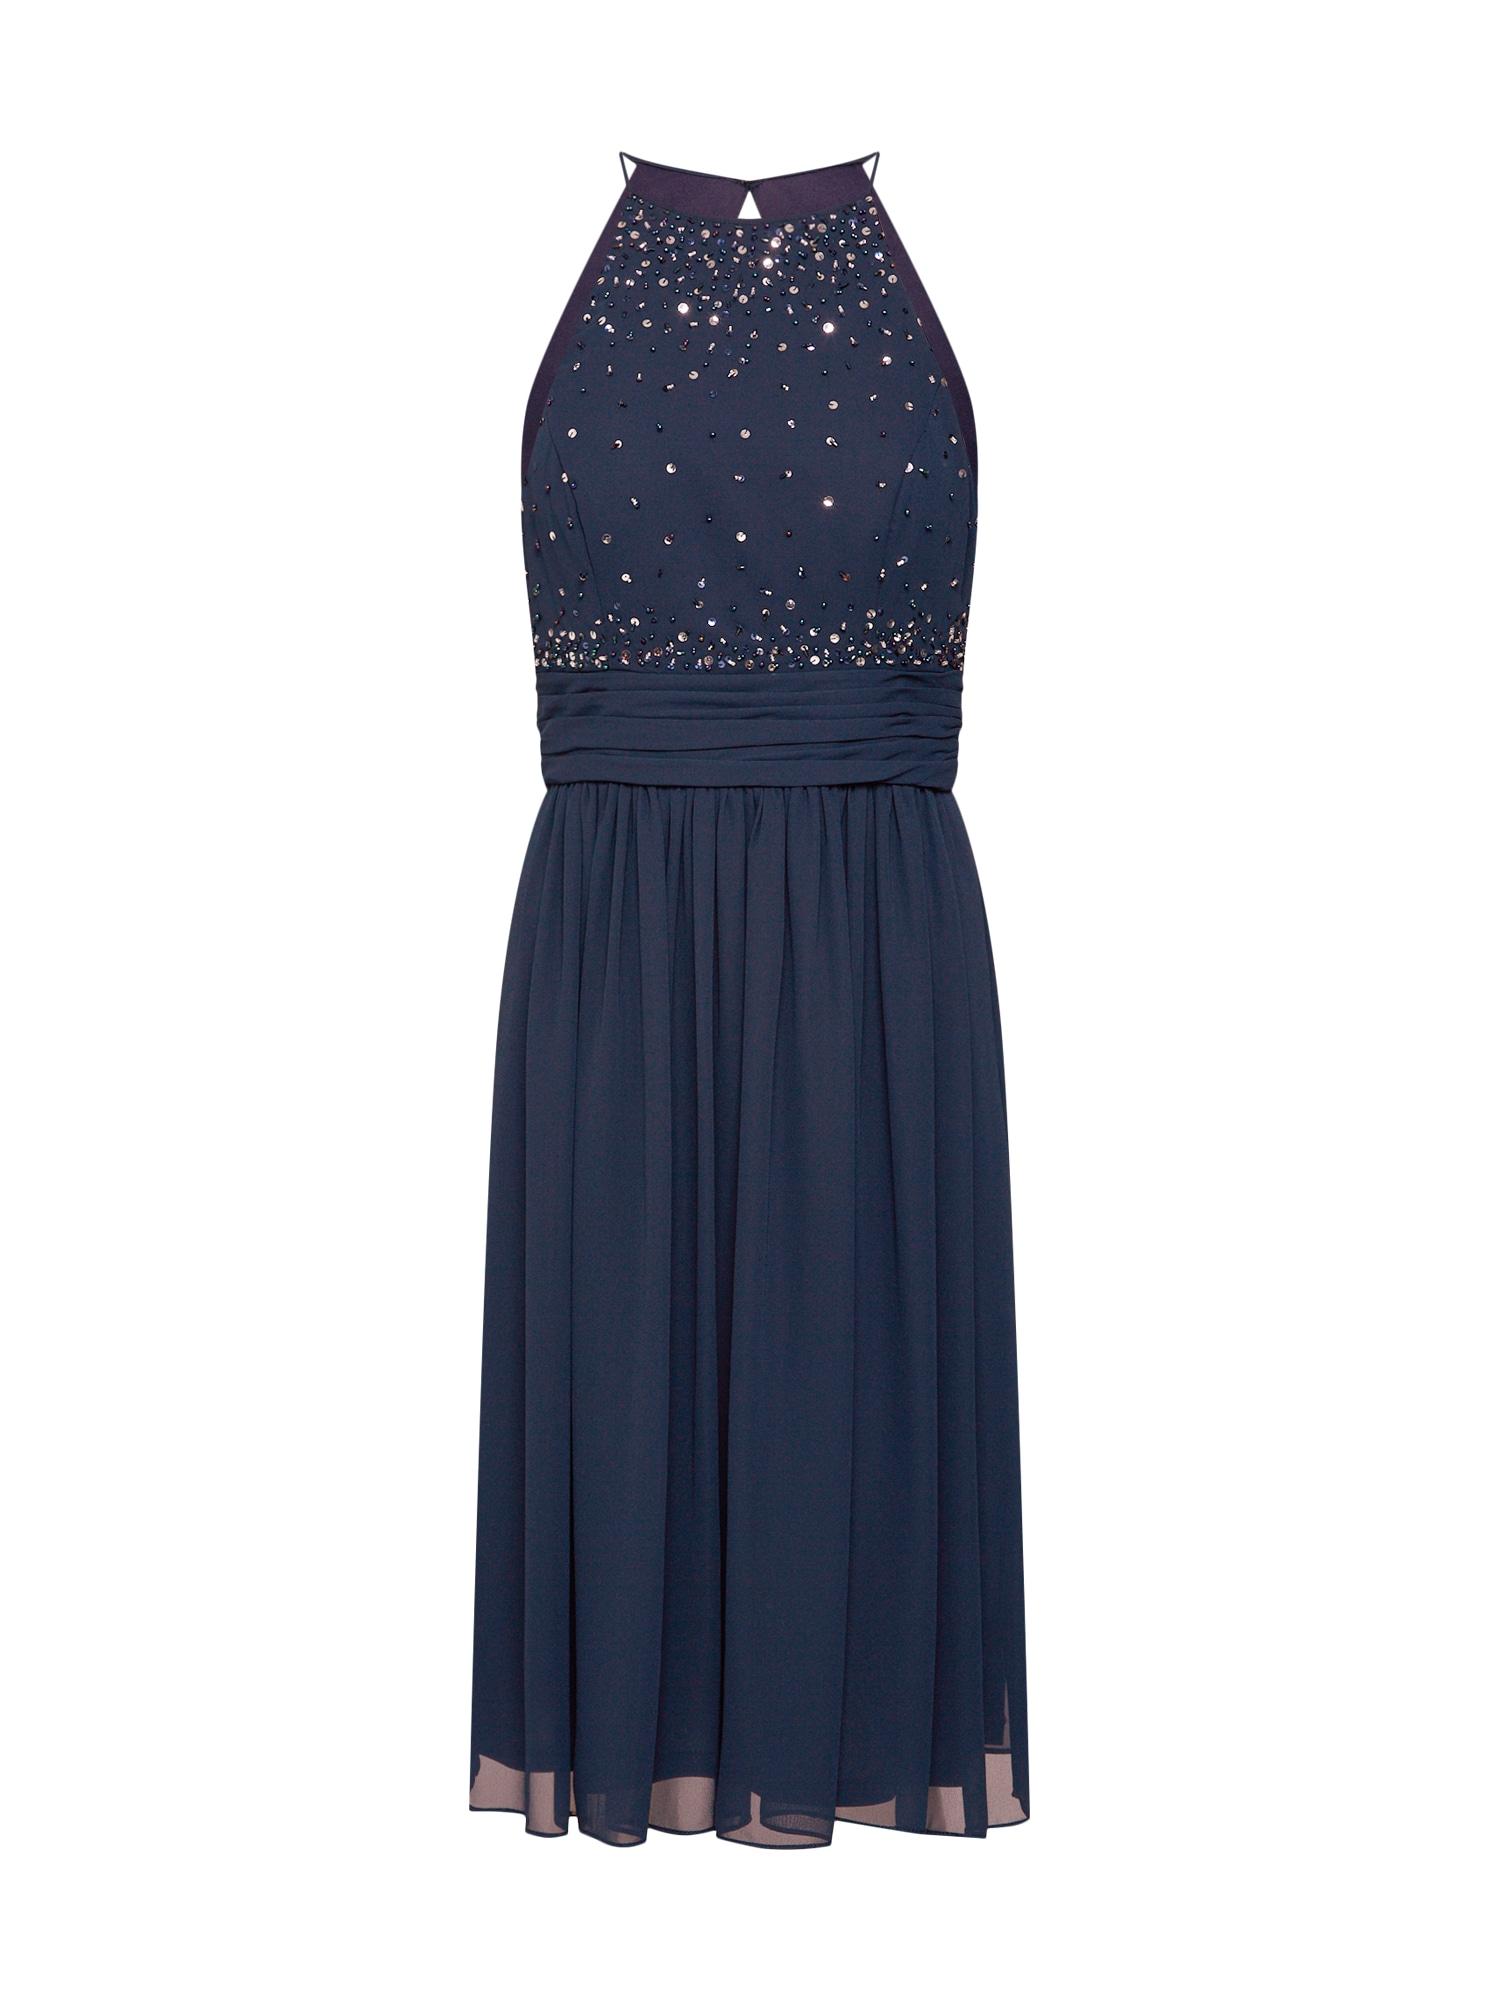 Koktejlové šaty short dress (005 long version) chiffon & rhinestones námořnická modř STAR NIGHT